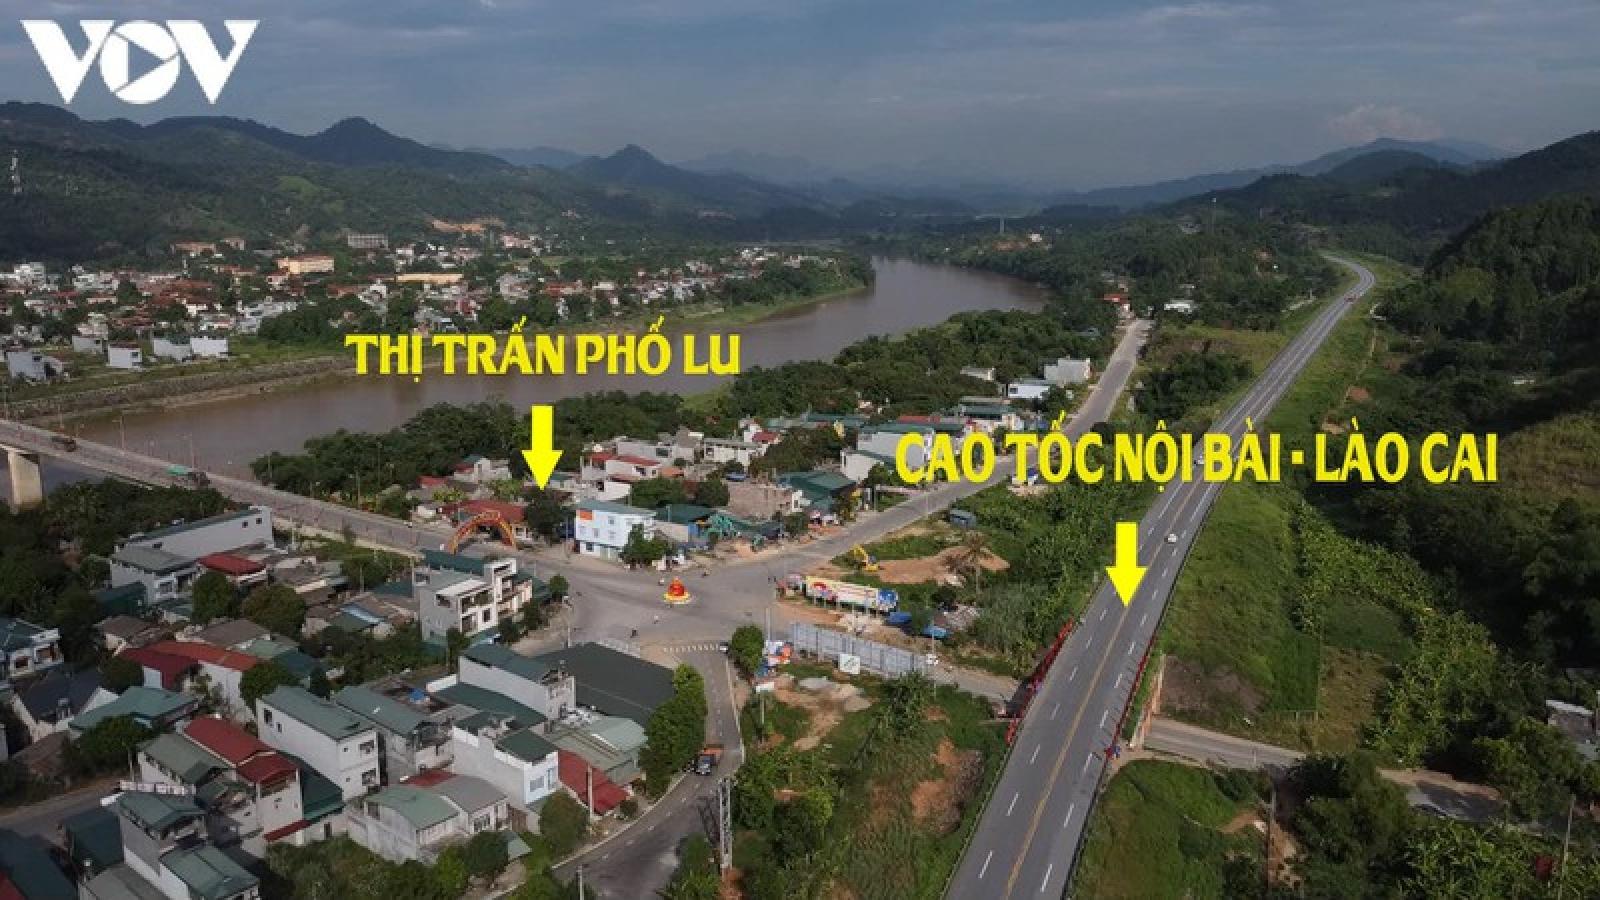 Nút giao cao tốc Nội Bài - Lào Cai xuống Phố Lu sắp được khởi công